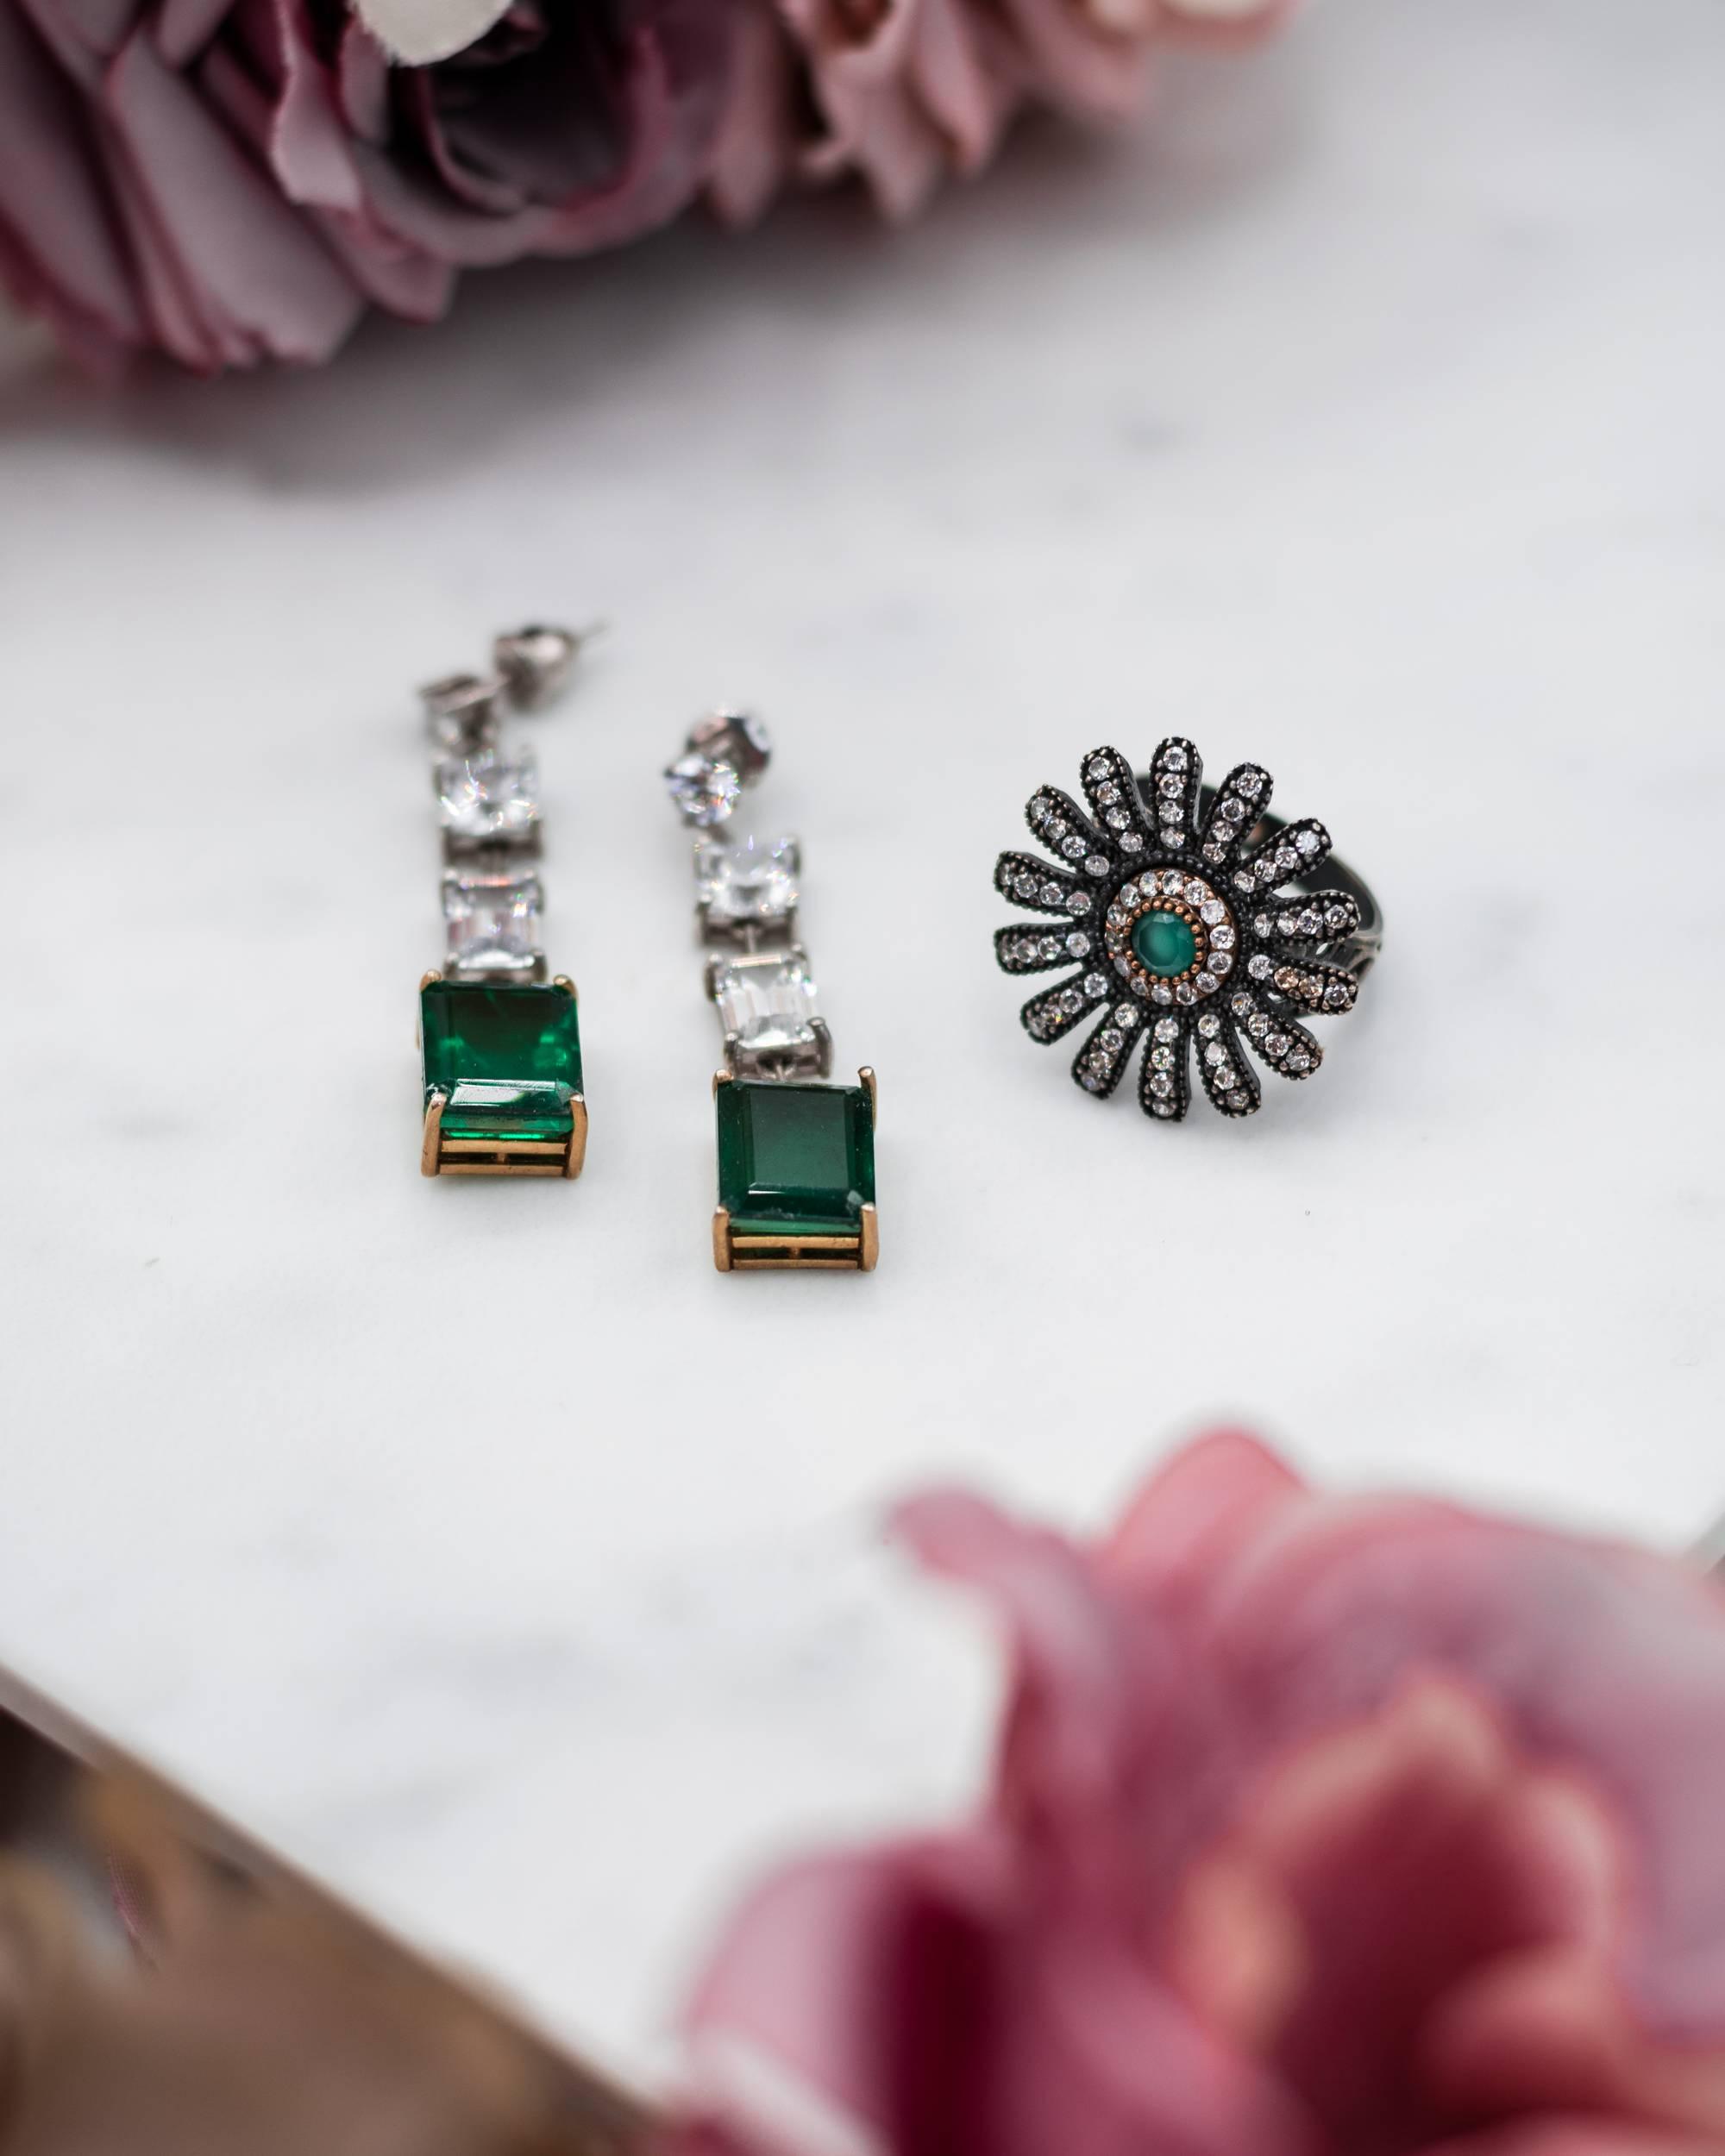 Double-J-Accessories-la-marque-de-bijoux-libanaise-engagee-1-8